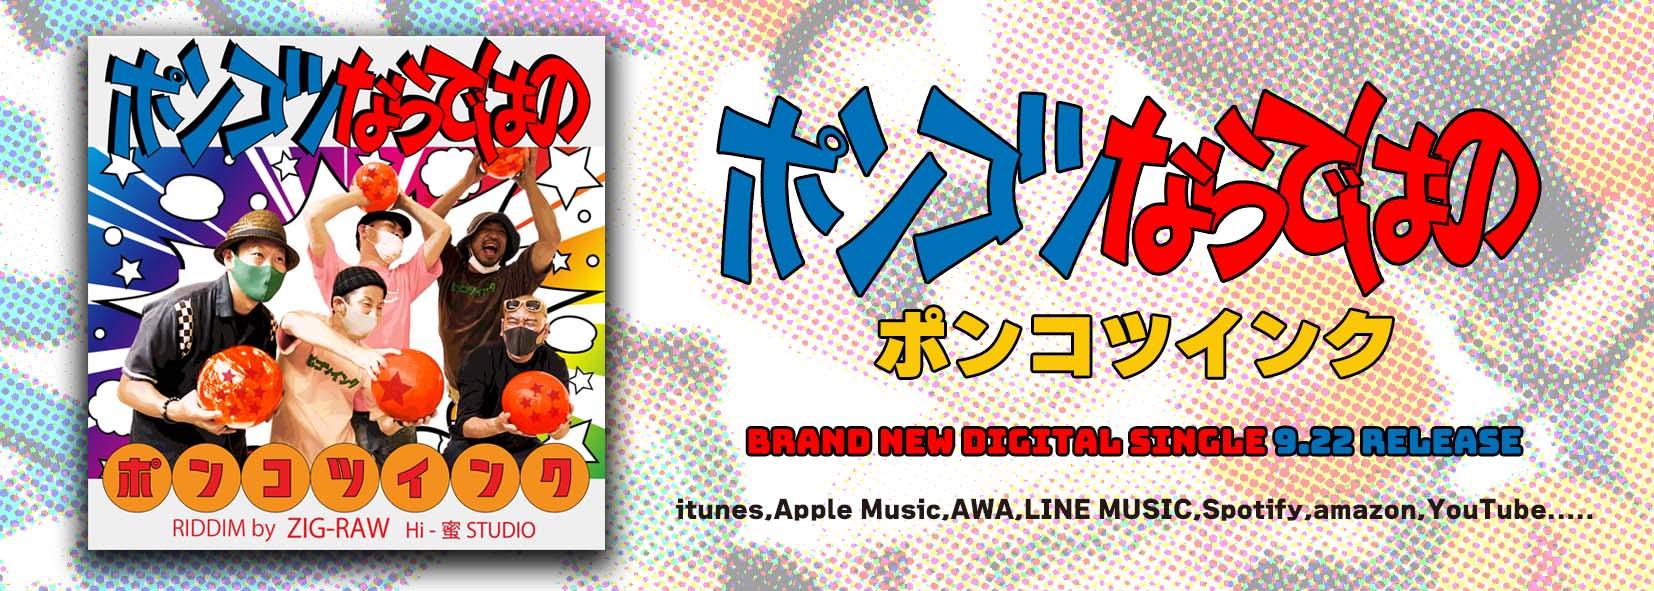 ジャパレゲ・レゲエ・ダンスホールミュージックMIXCD・レゲエCD・DVD 販売・通販オンラインショップ 3000円以上送料無料   スライド画像